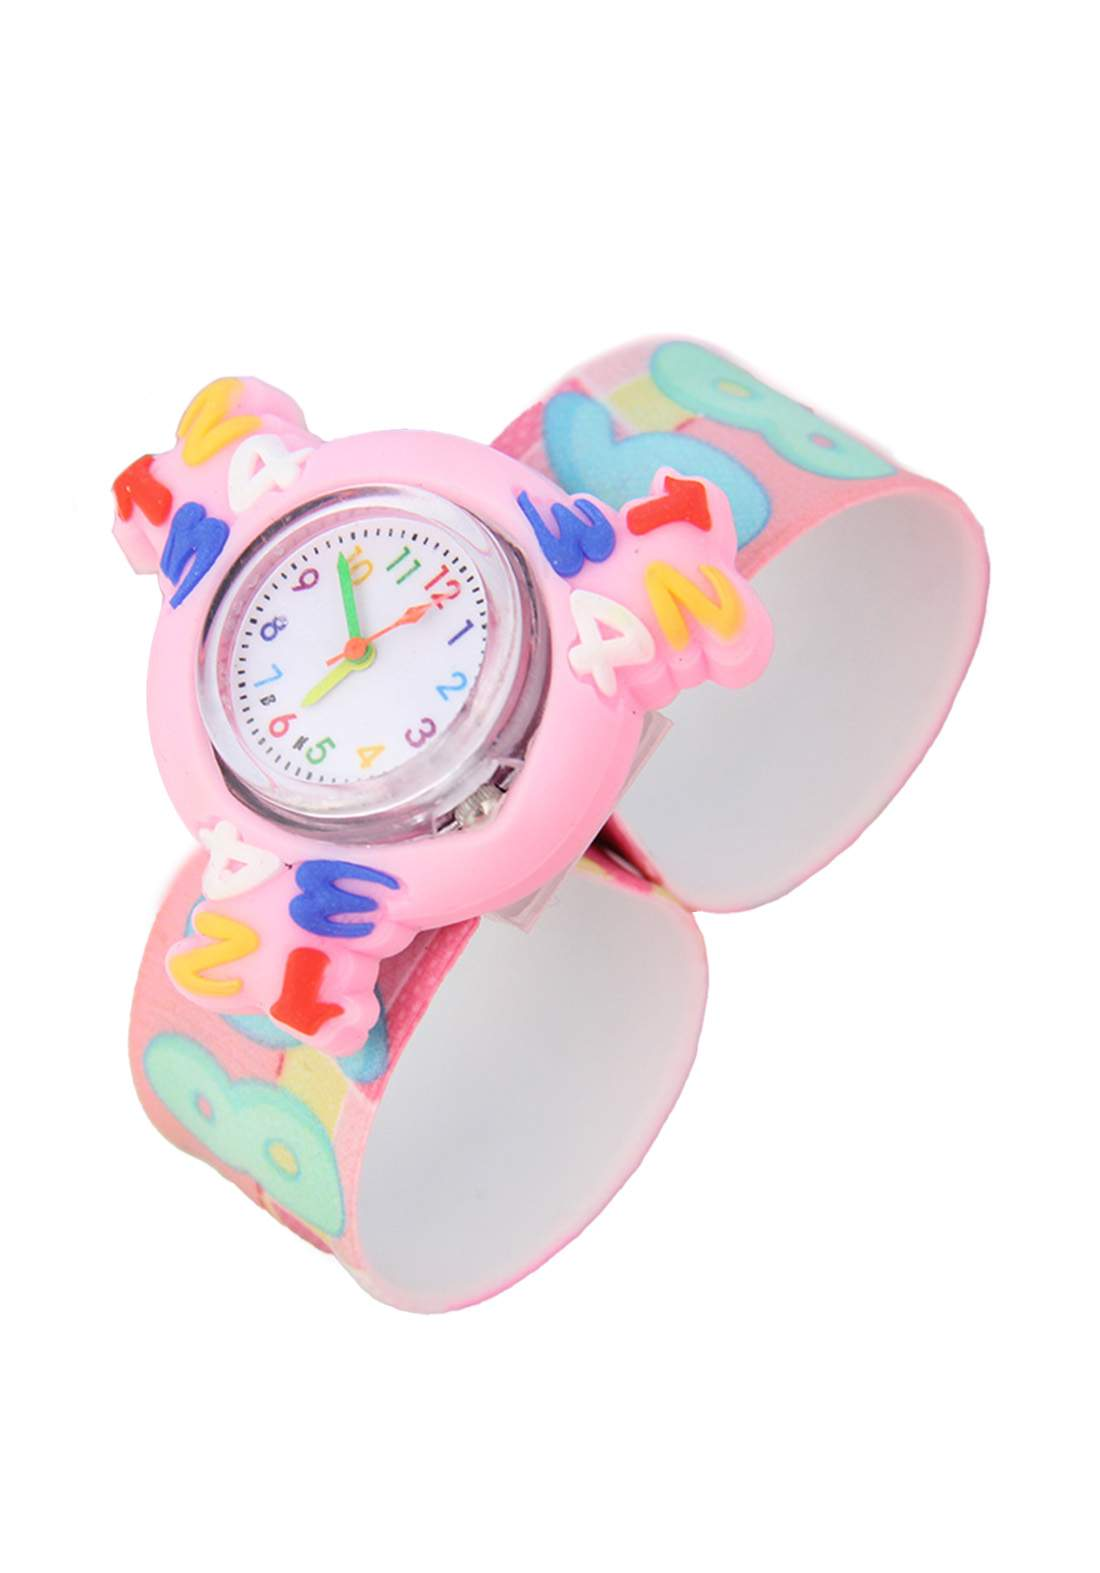 ساعة يدوية للأطفال من Ilahui